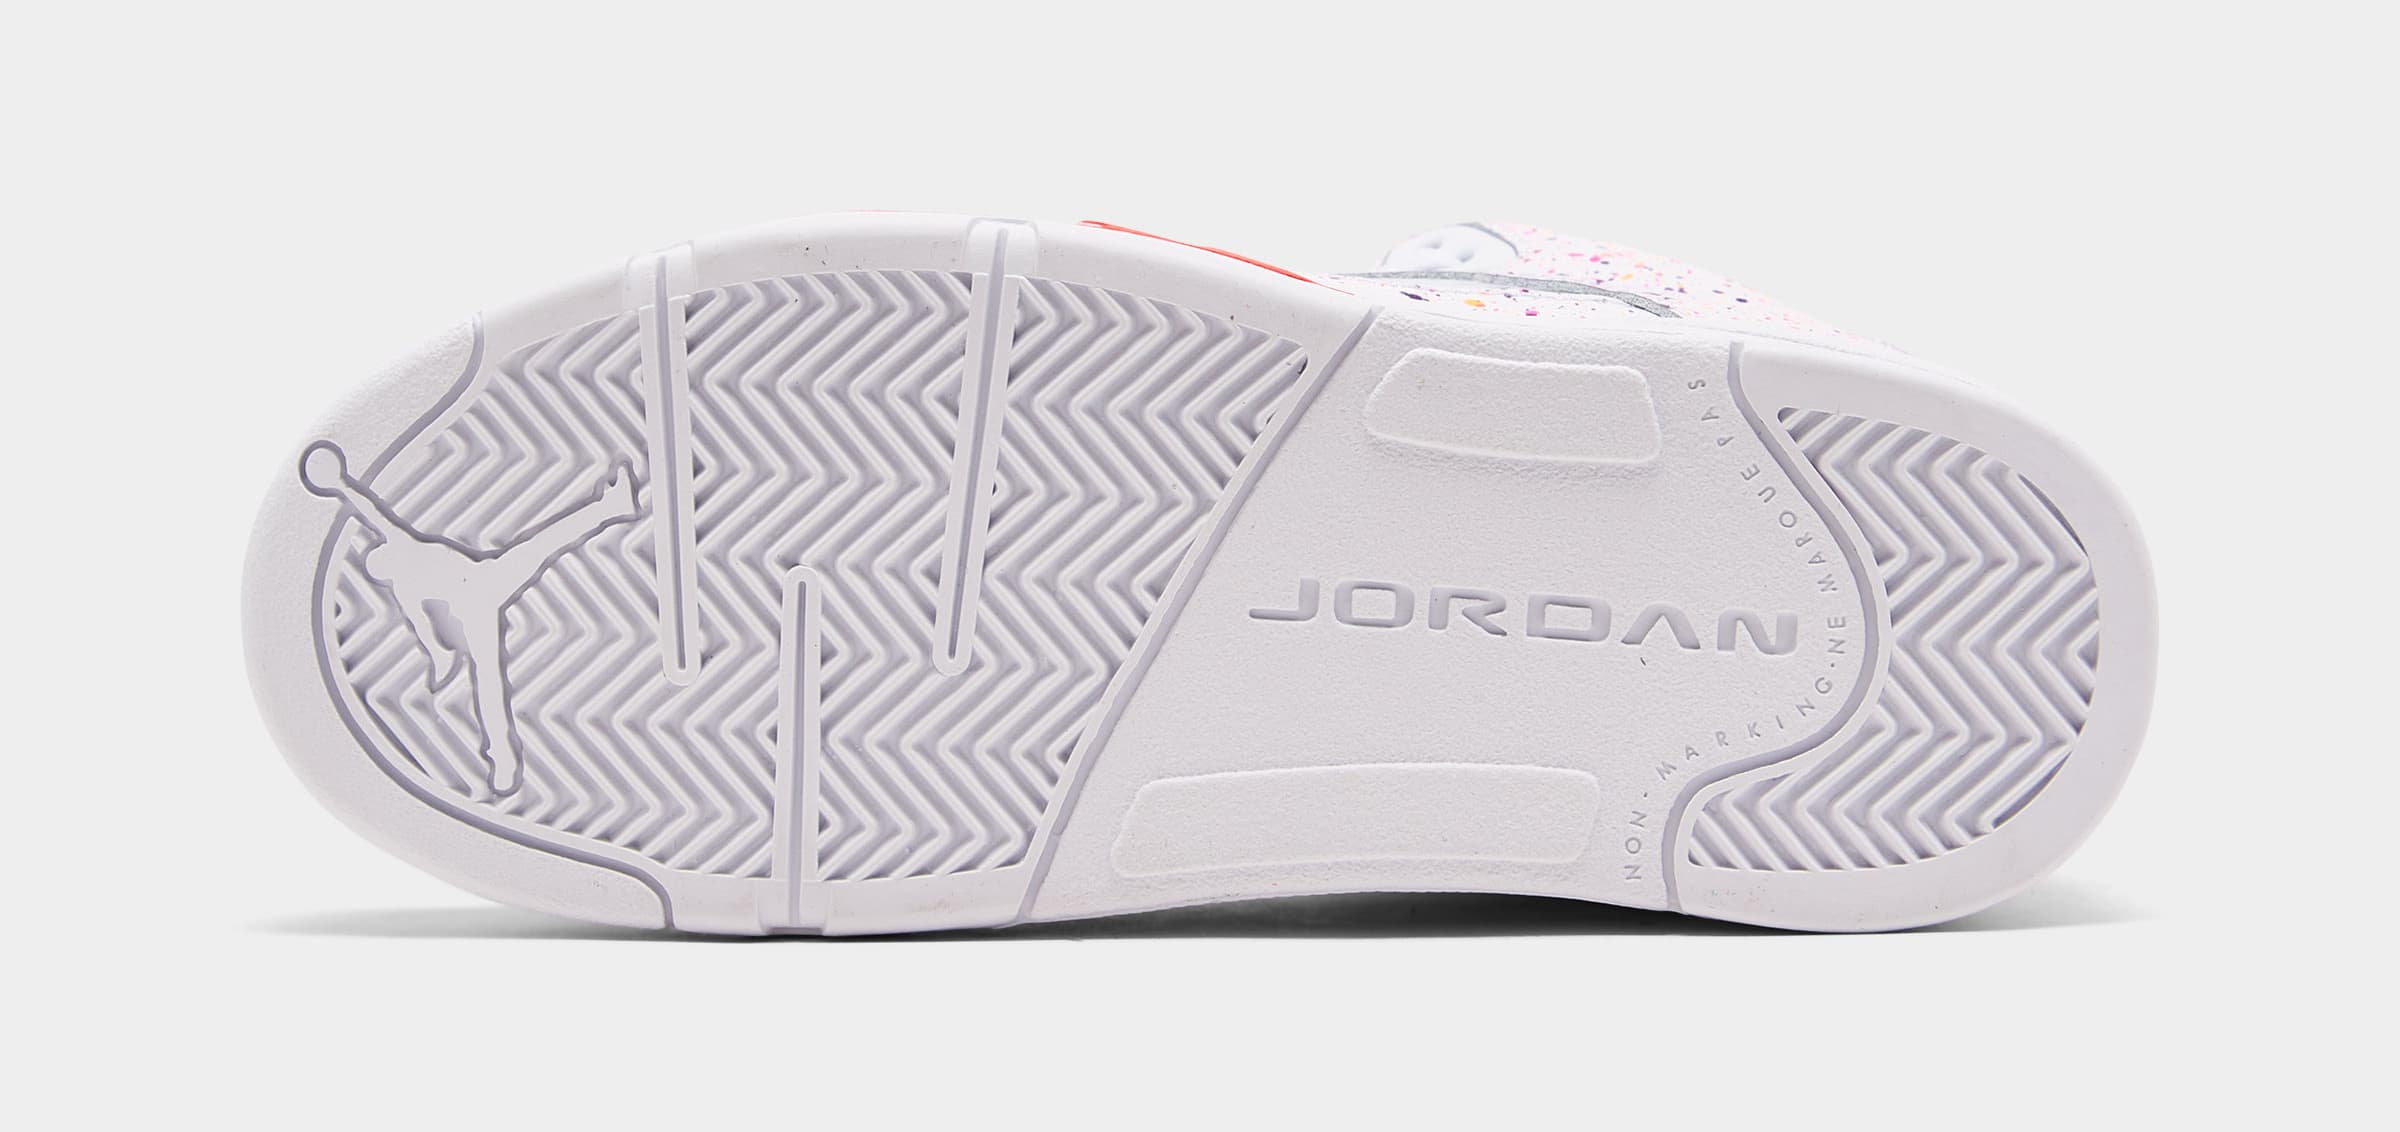 Air Jordan 5 Retro GG 'Easter' CT1701-100 Outsole